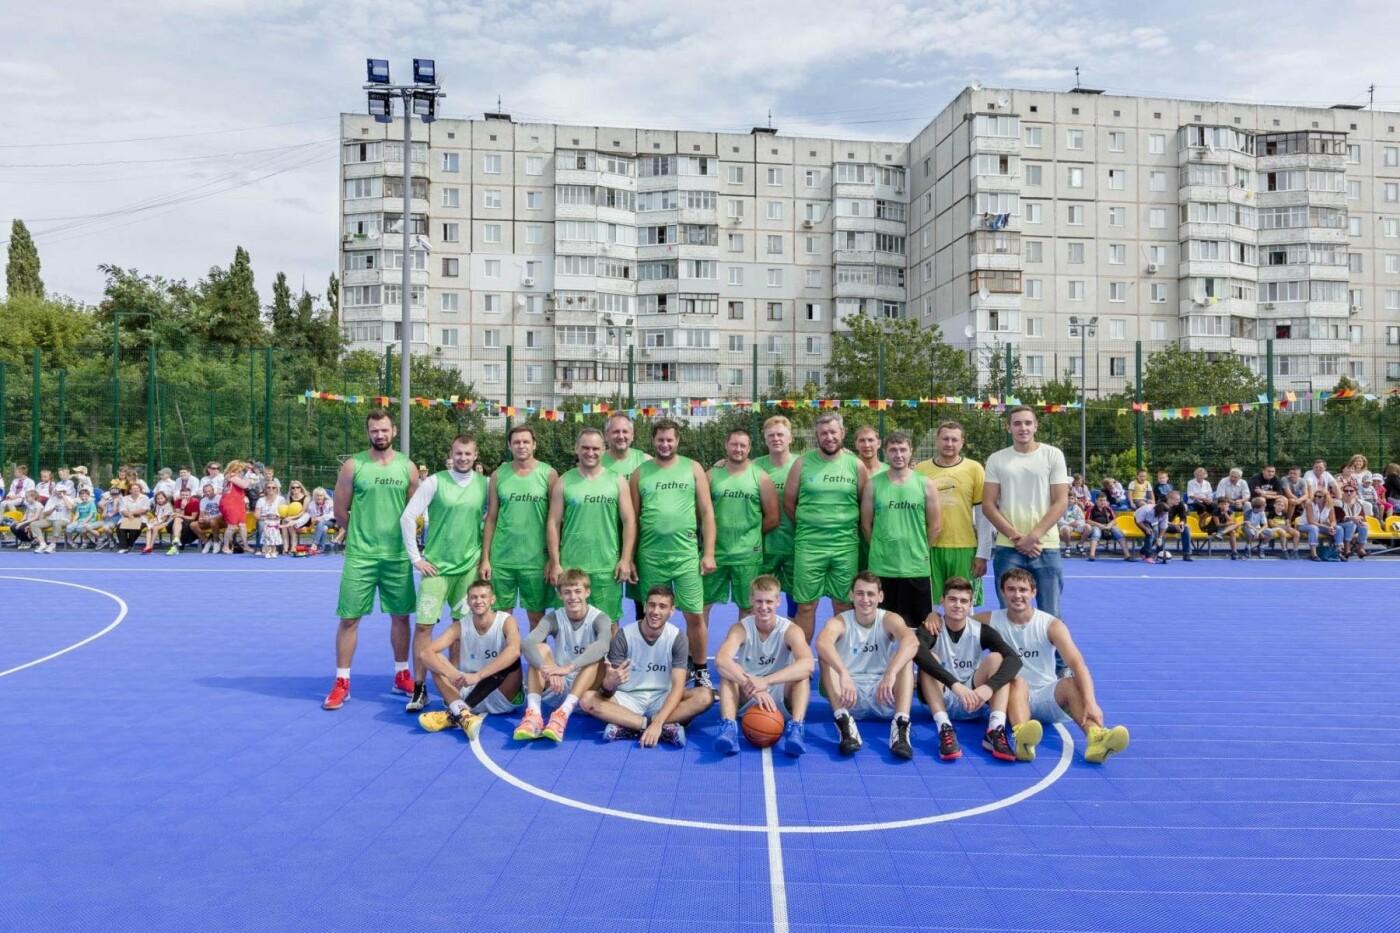 Благодійний Фонд «Рух молоді» розвиває спорт та допомагає будувати спортивні майданчики по всій Україні